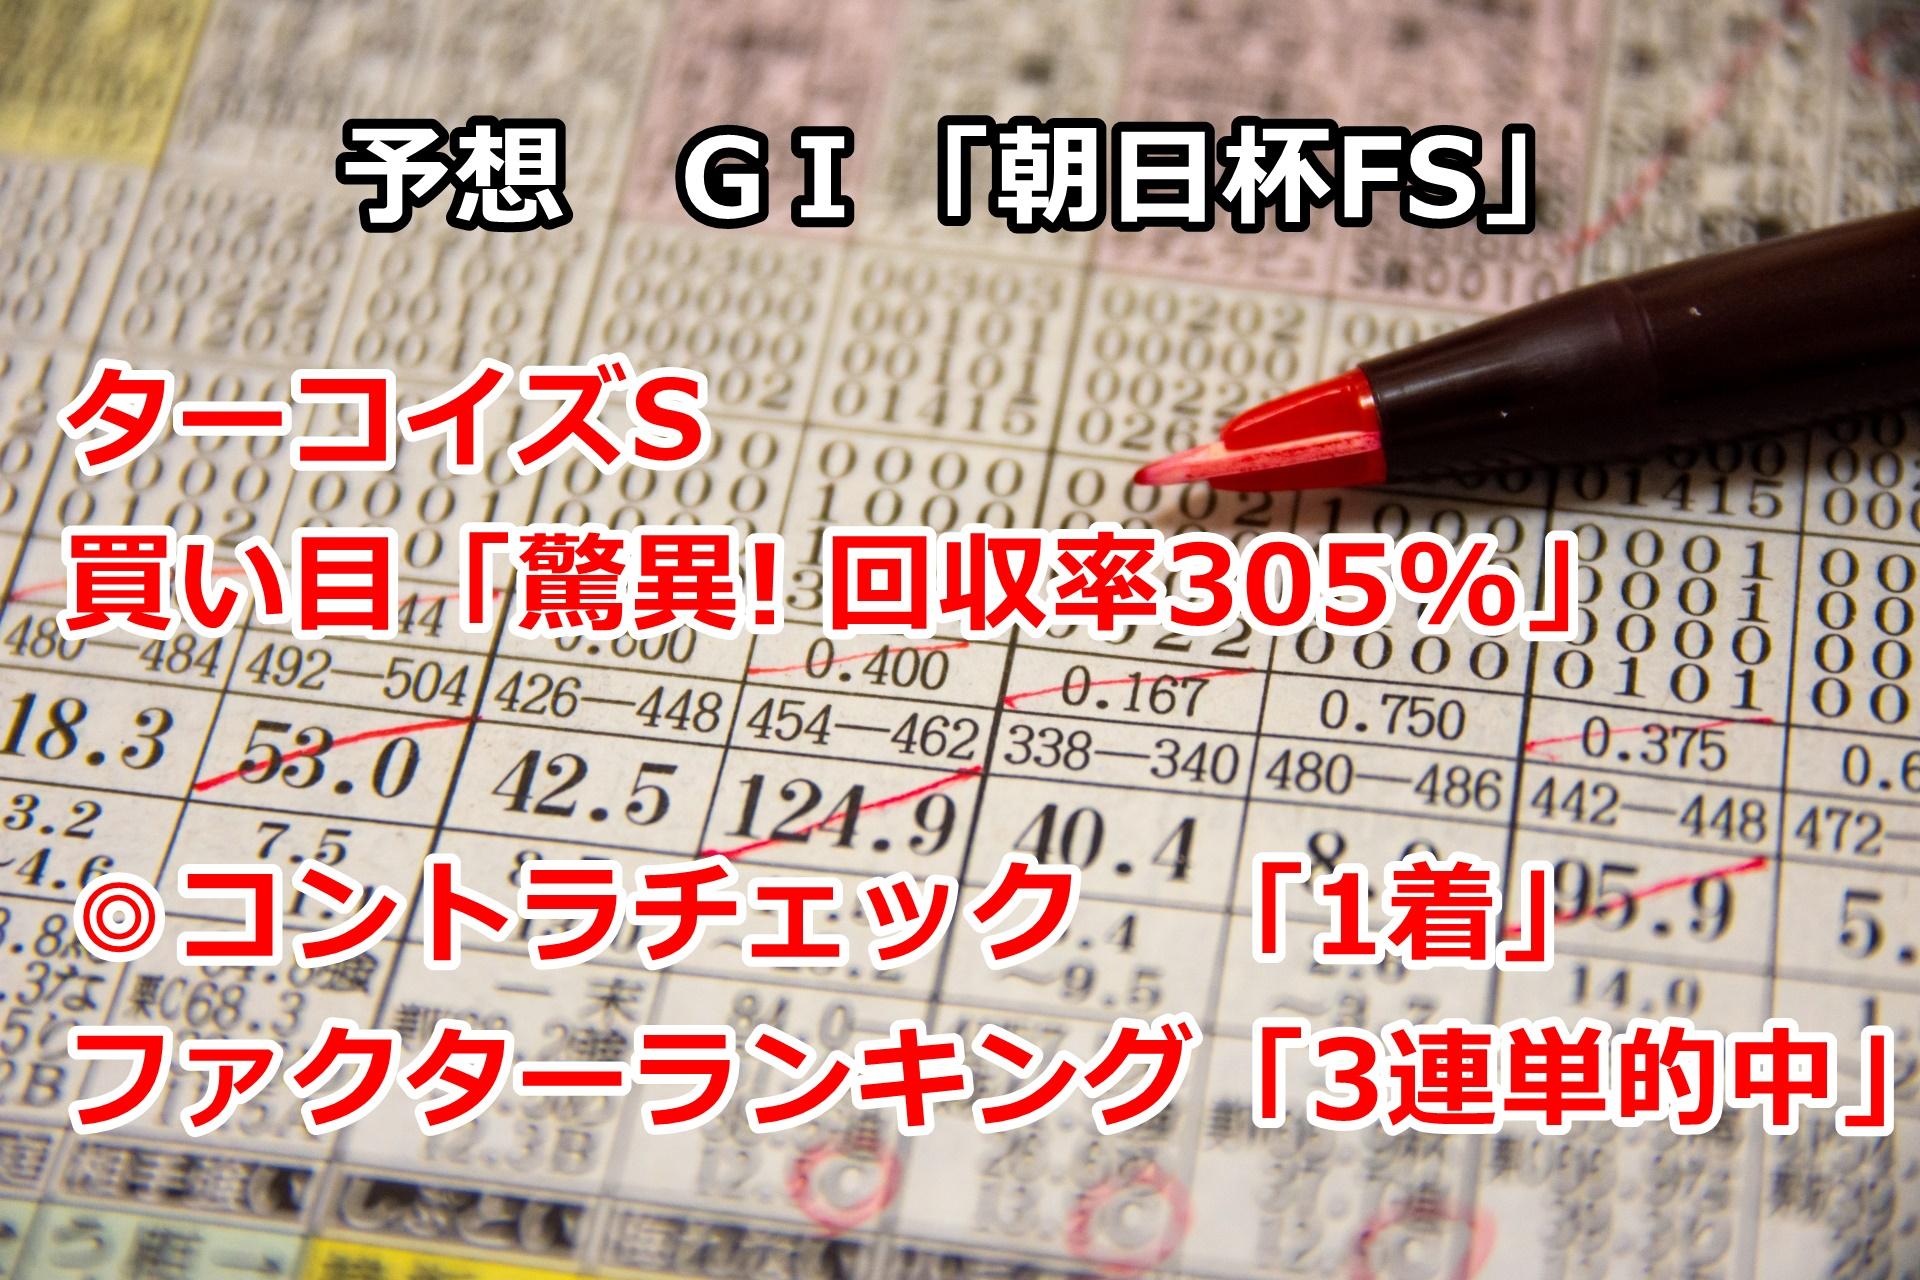 【競馬】買い目「驚異! 回収率305%」 朝日杯FSの予想 第24回